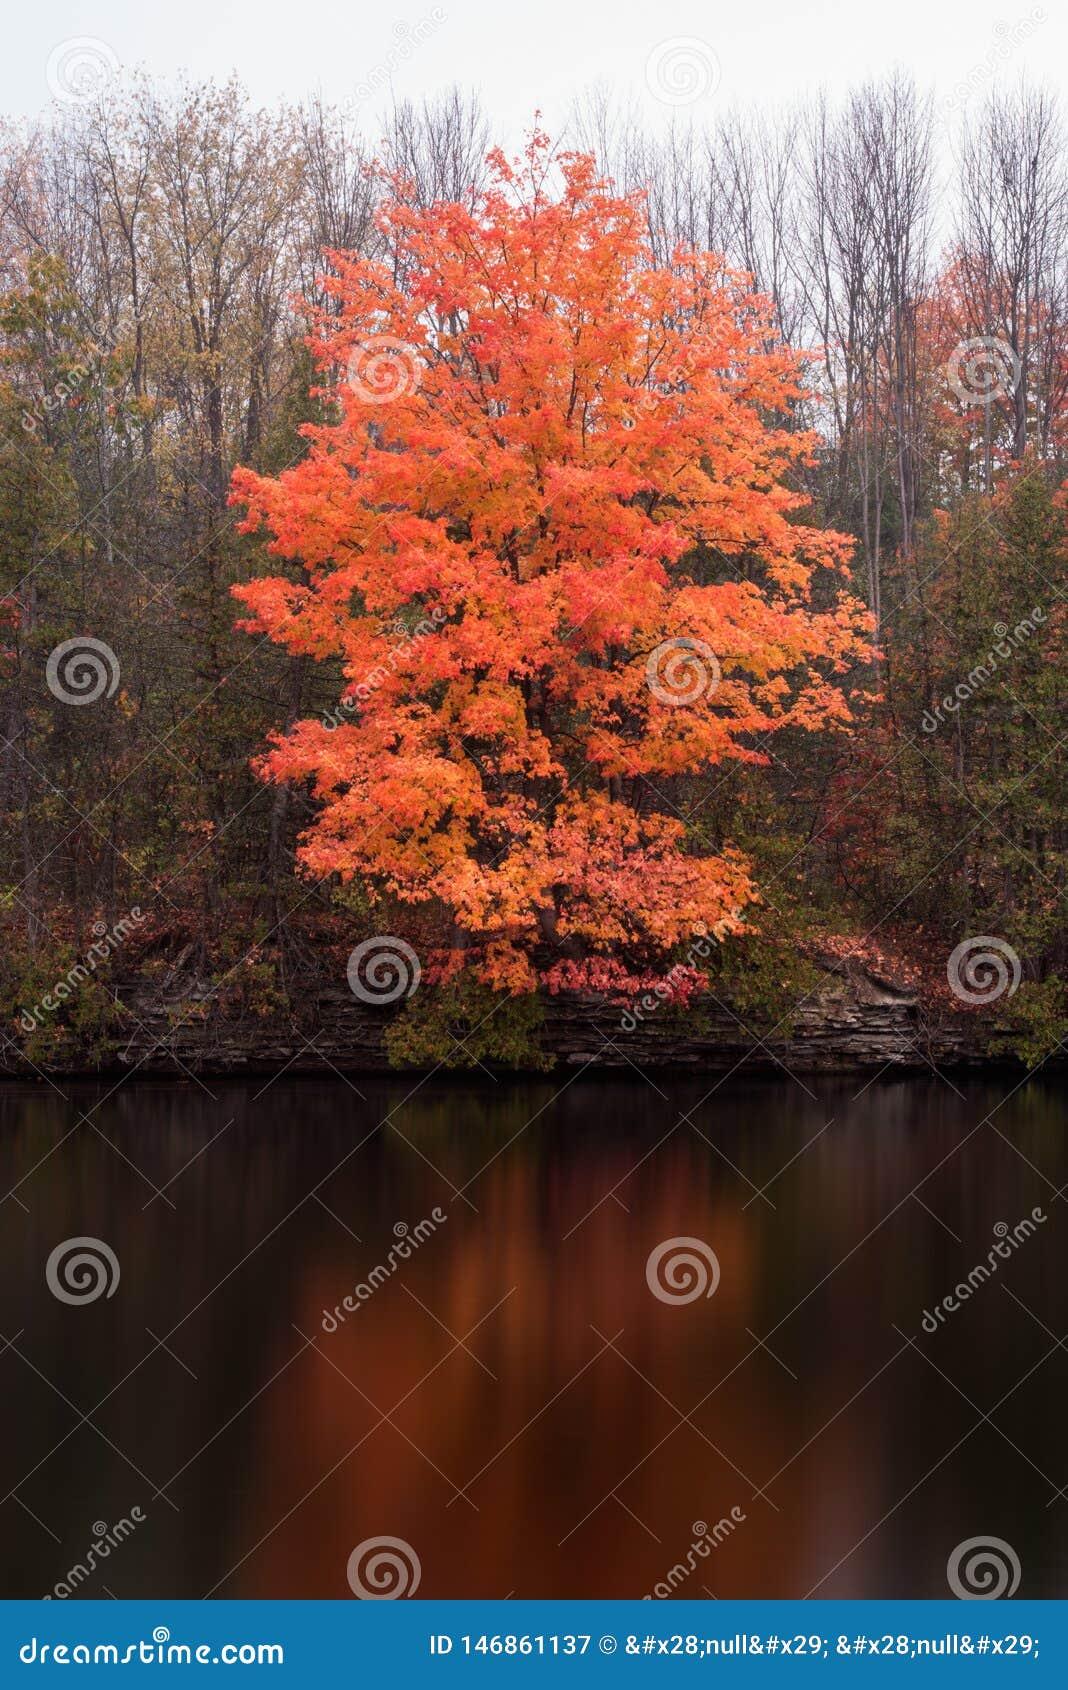 Παφλασμός του πορτοκαλιού χρώματος σε ένα δέντρο σφενδάμνου το φθινόπωρο